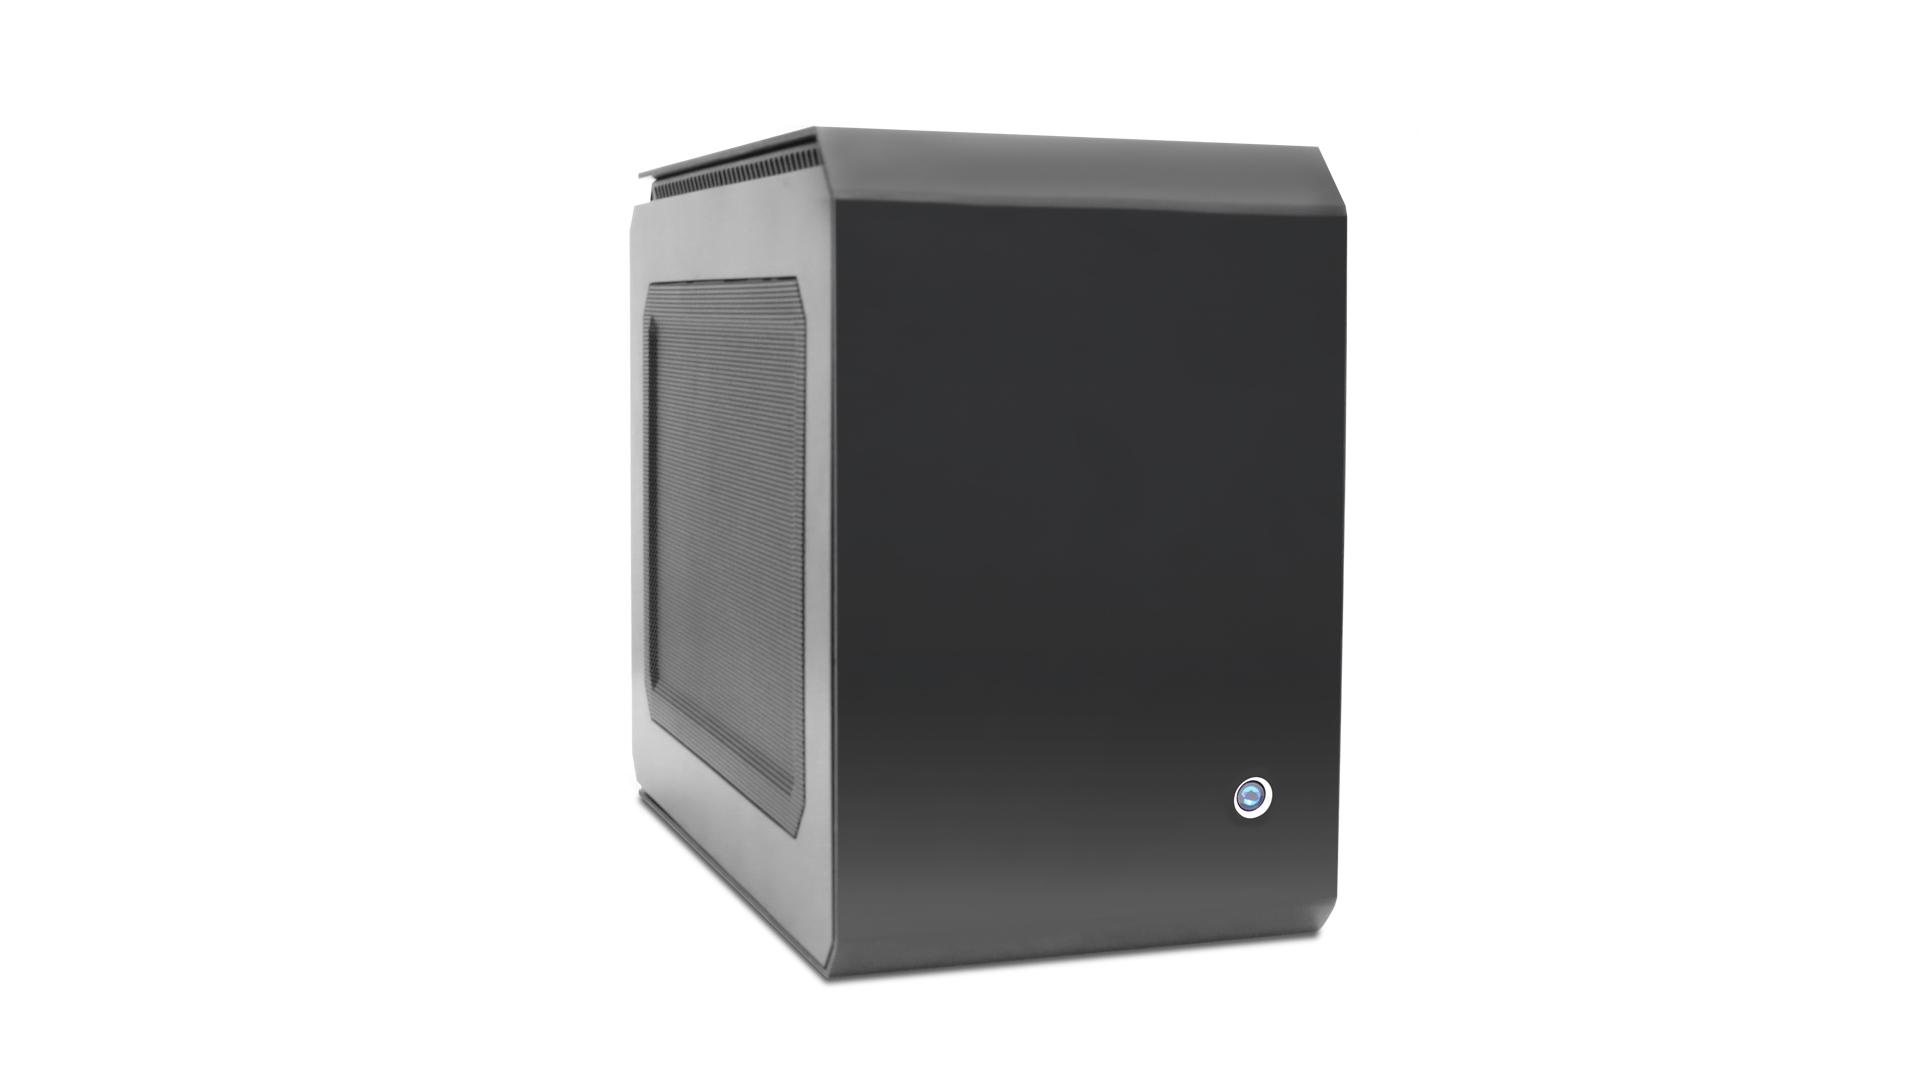 建�扩充无限潜能的高效能视觉计算引擎主机 DEV8430